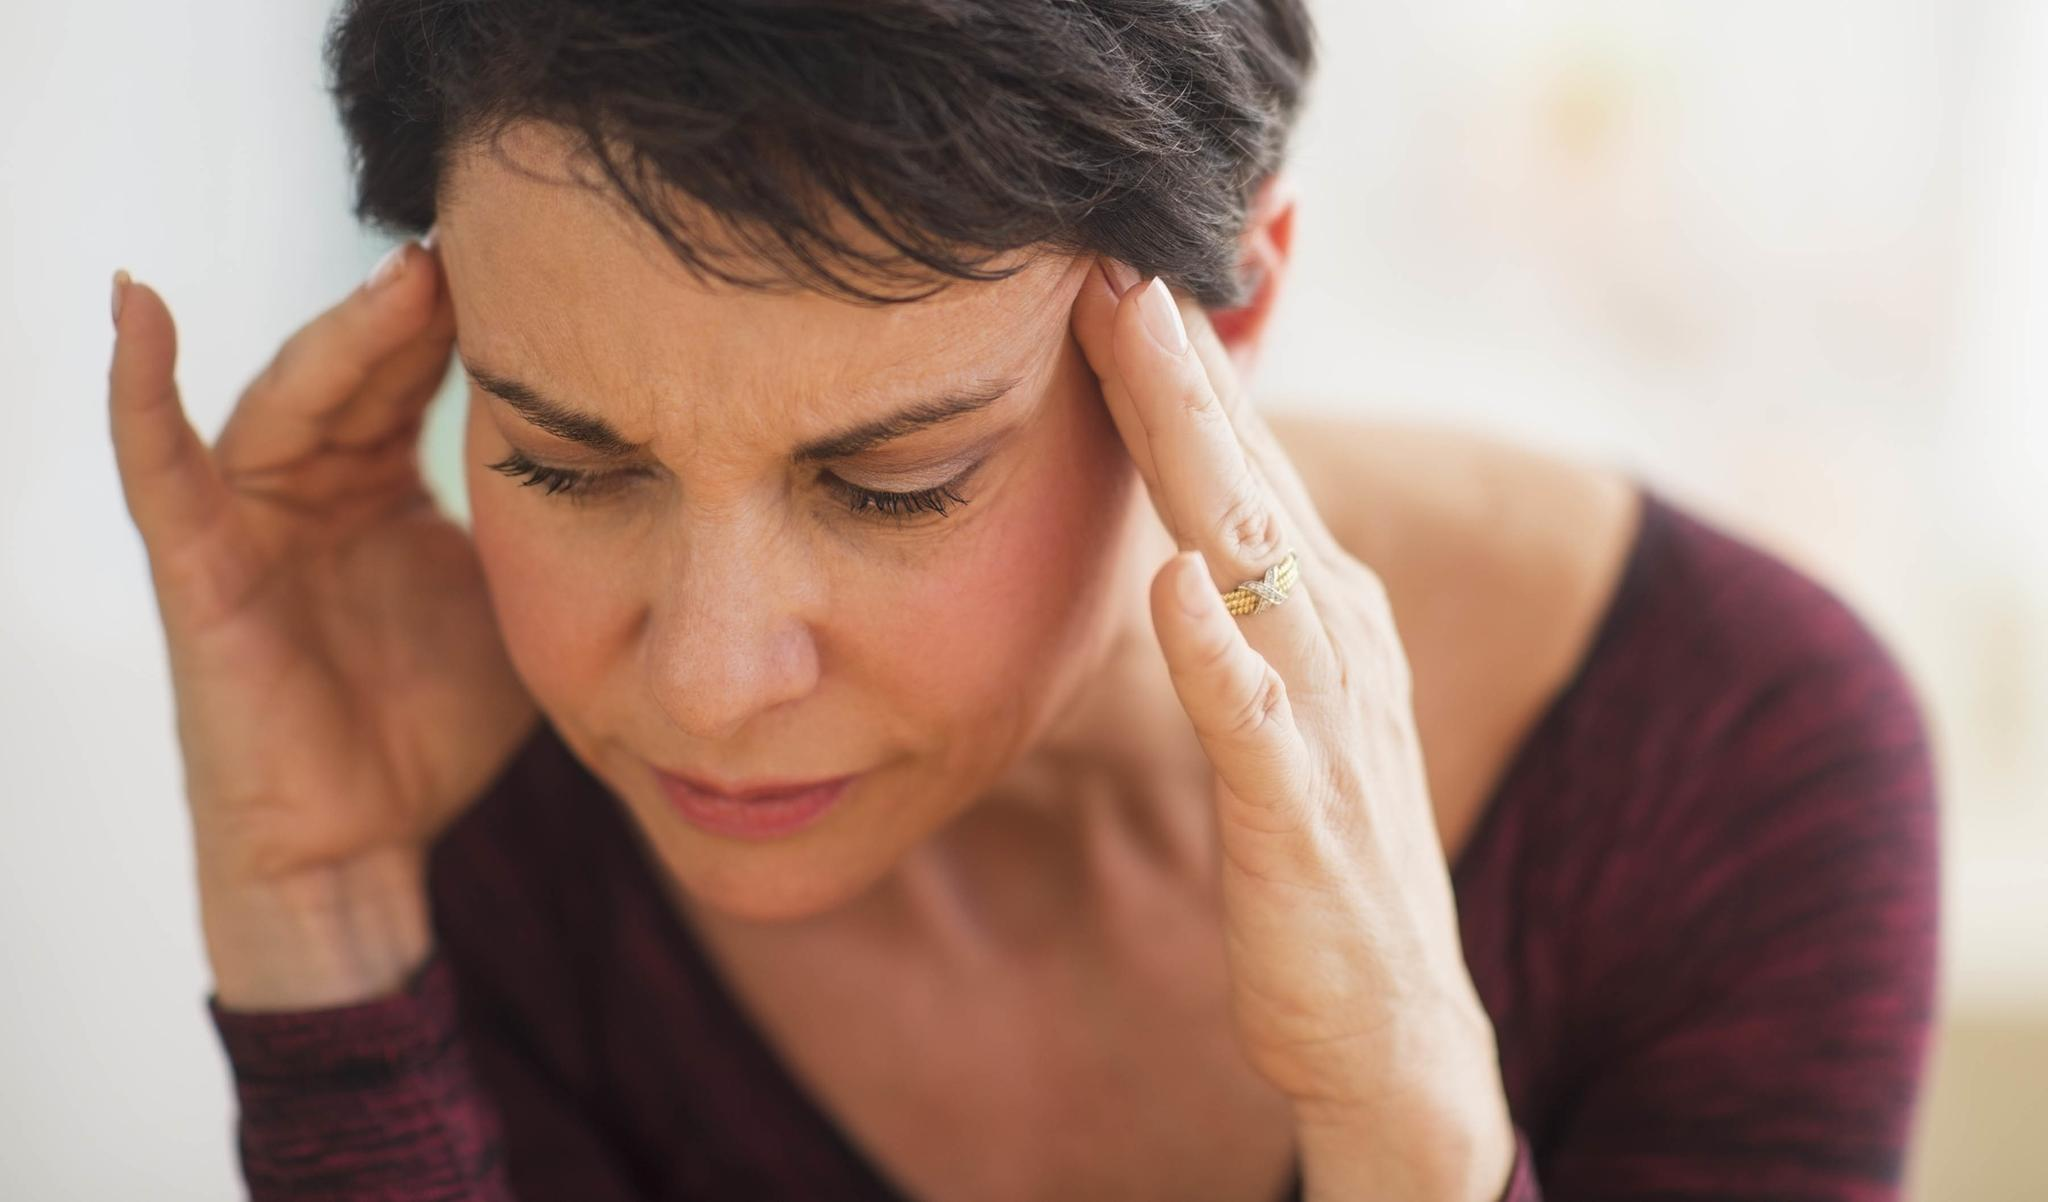 kopfschmerzen übelkeit müdigkeit durchfall